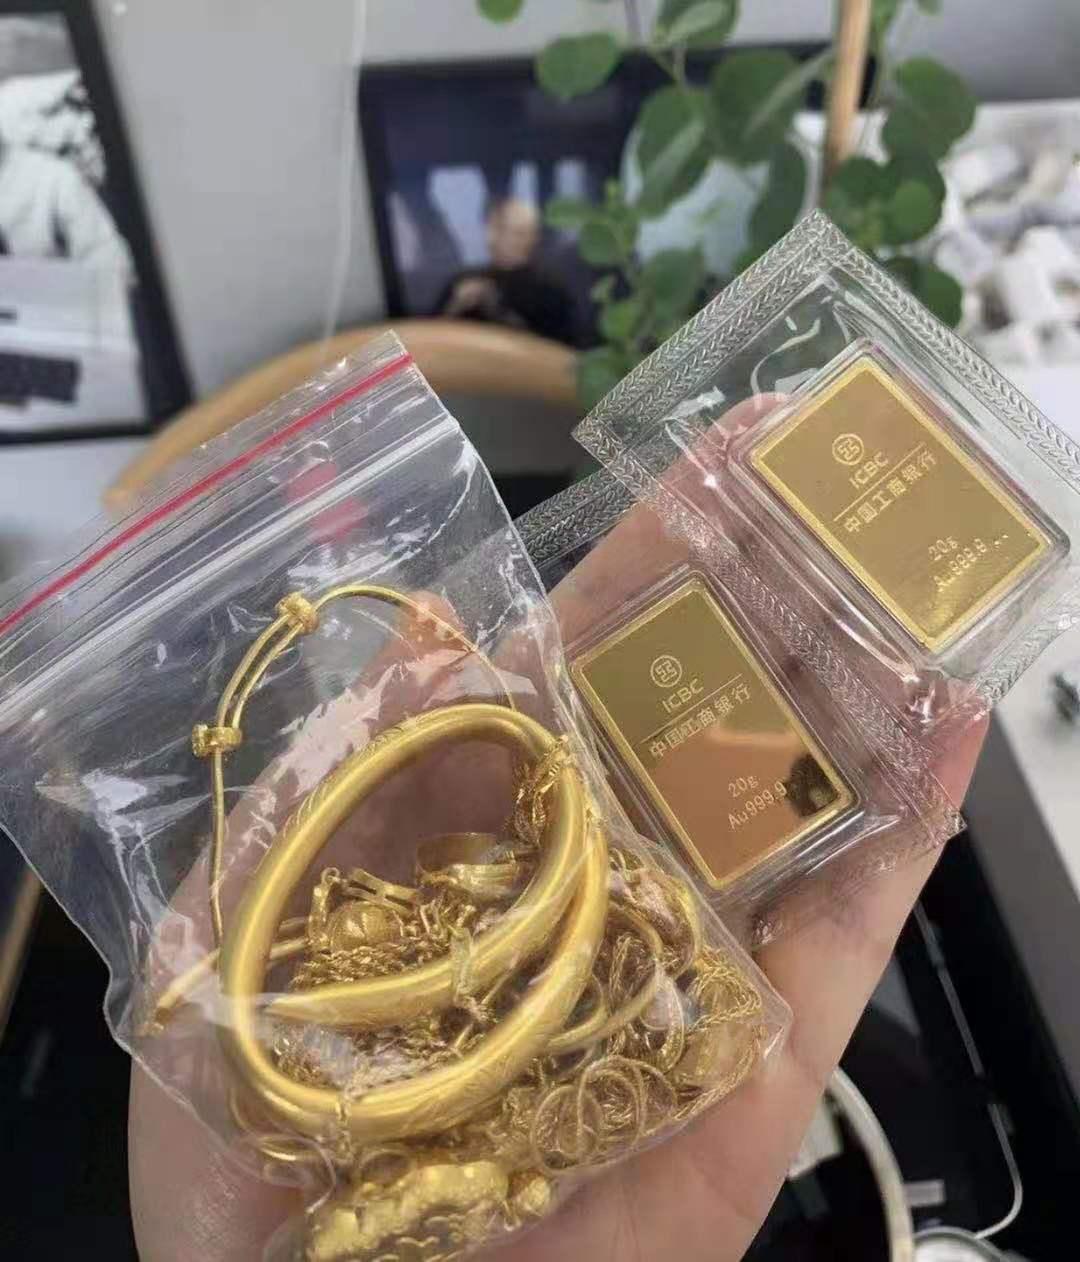 天津北辰黄金回收价格,北辰区回收黄金店地址,北辰区黄金回收价